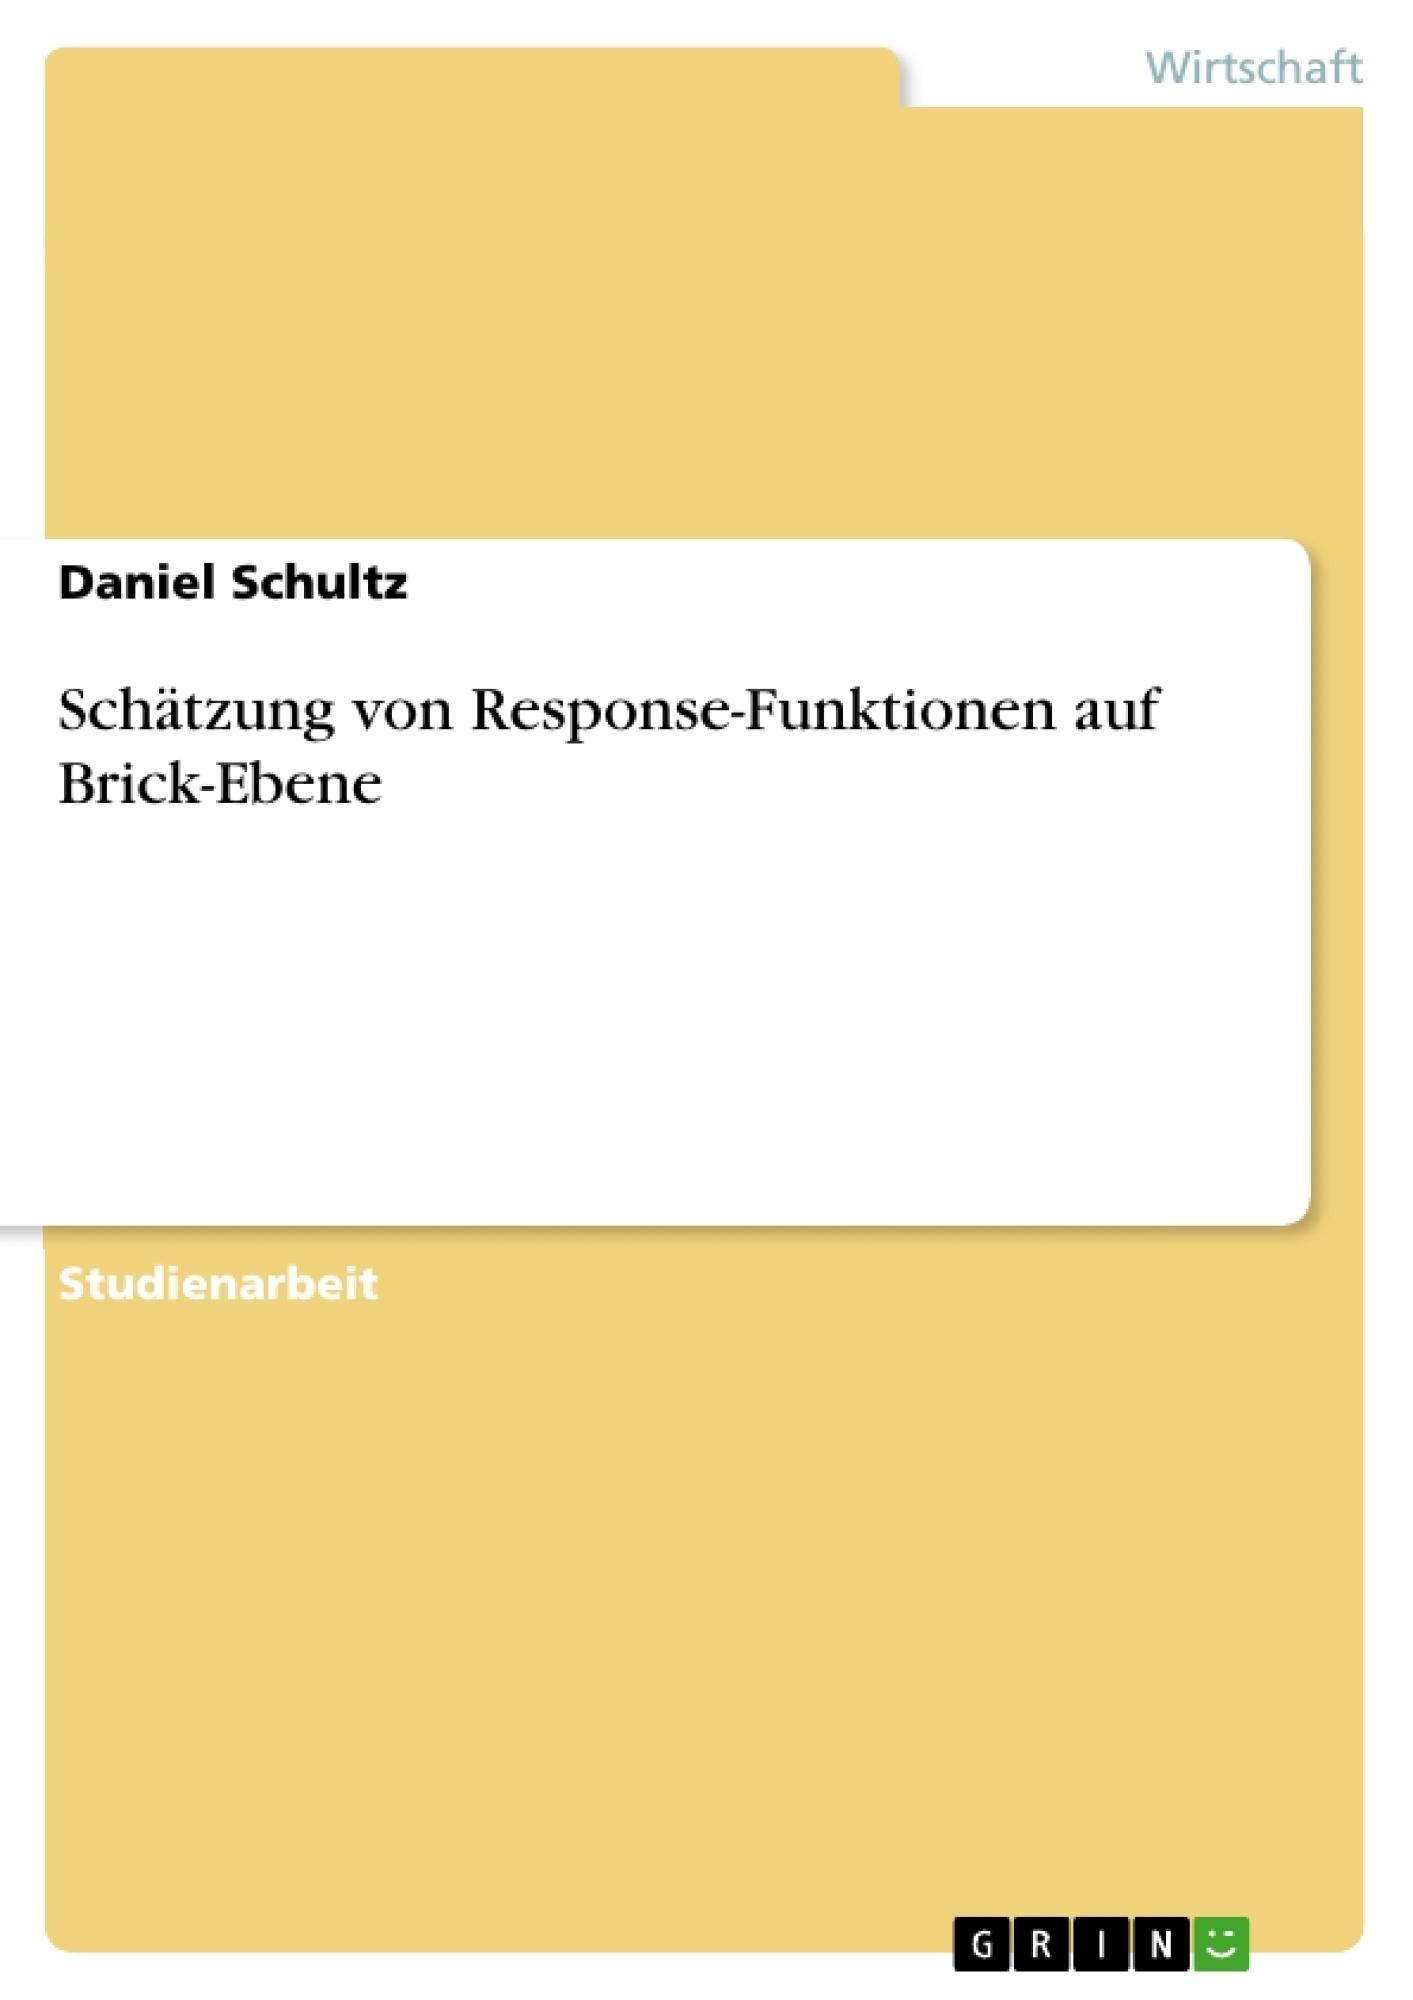 Titel: Schätzung von Response-Funktionen auf Brick-Ebene